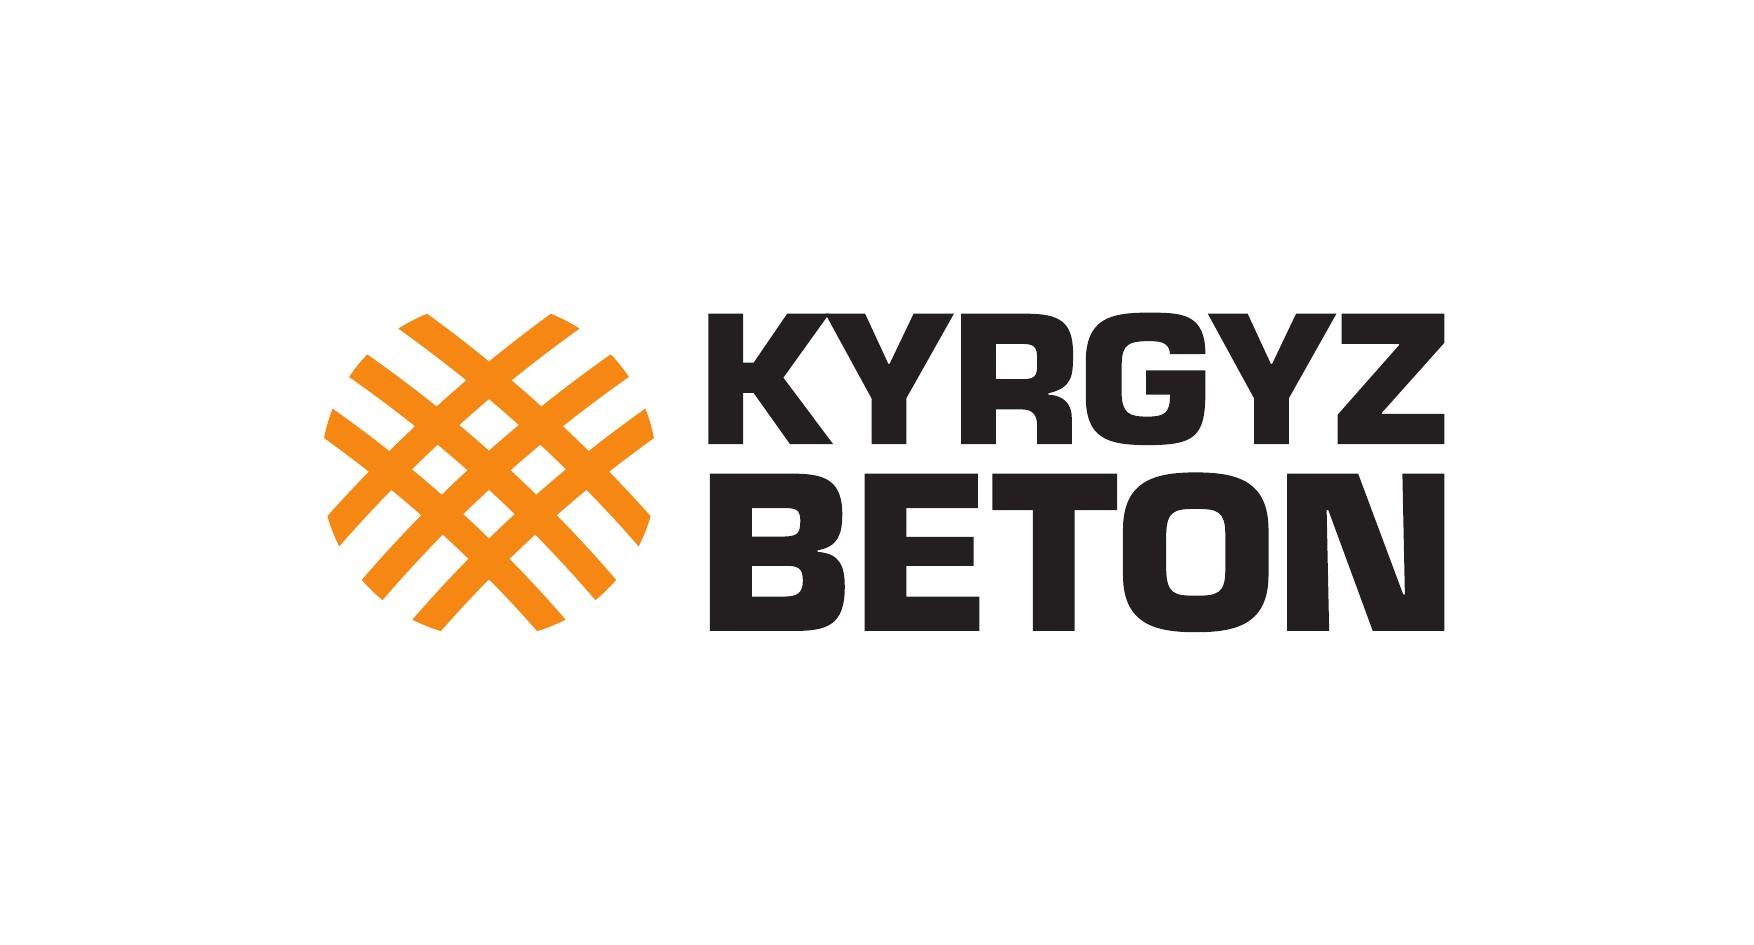 Kyrgyz Beton